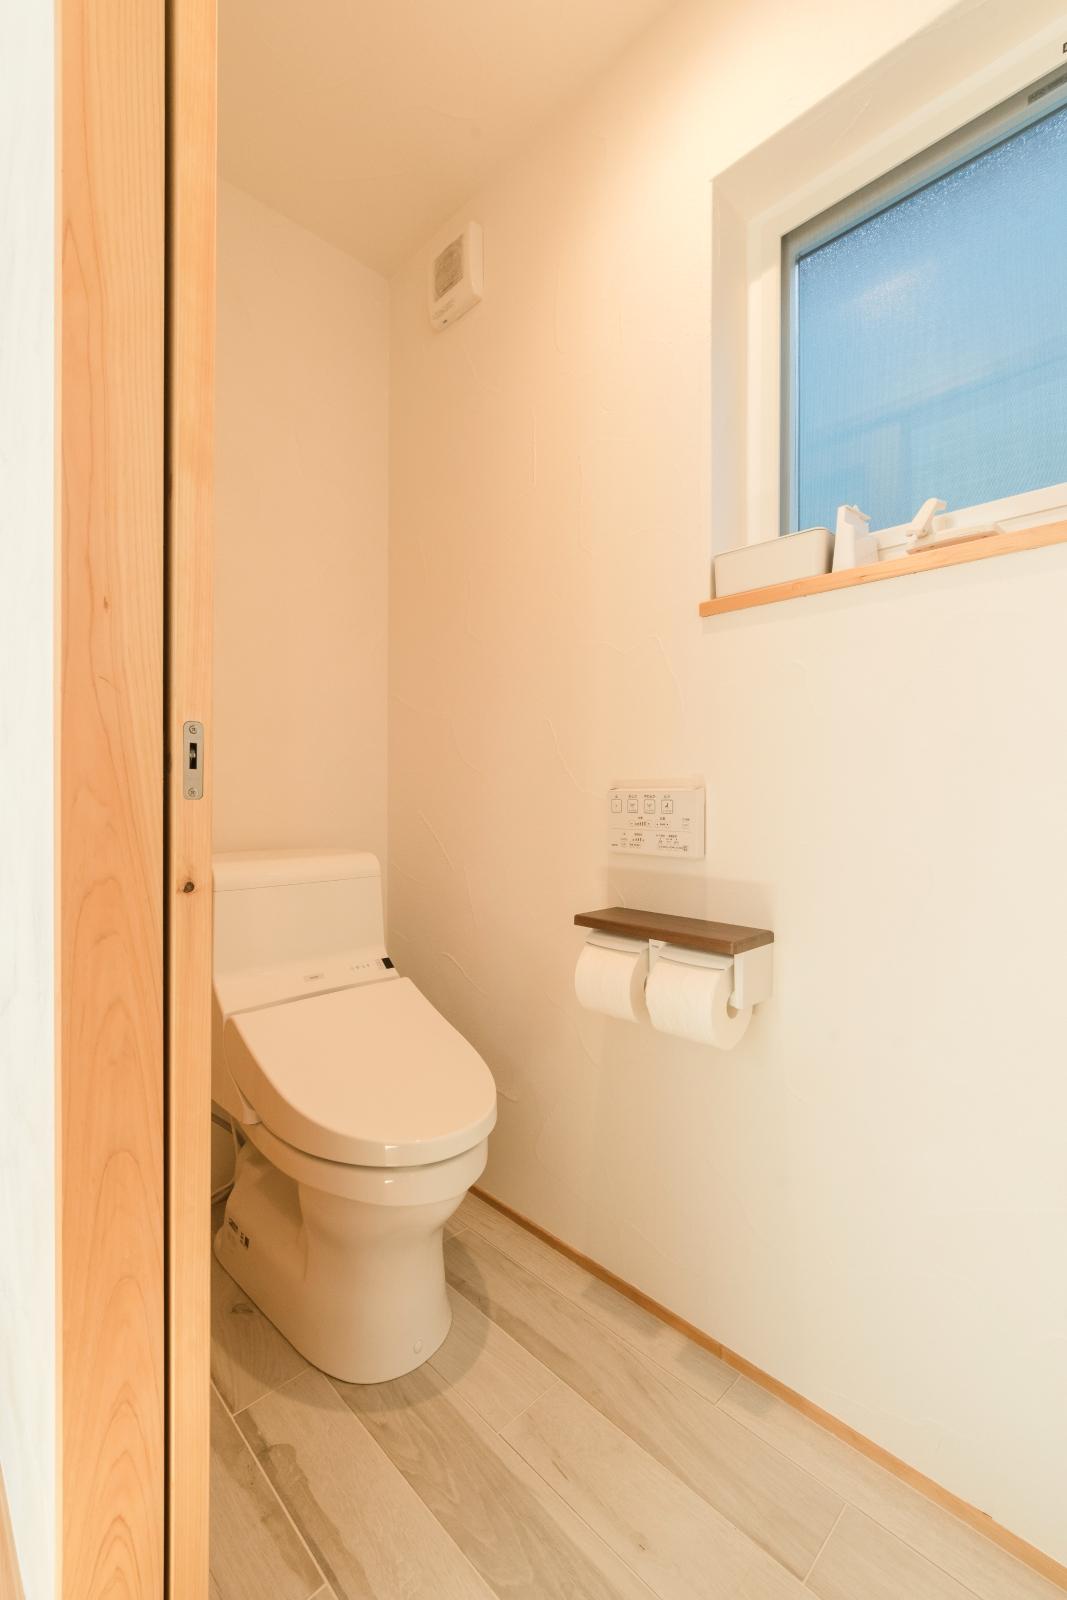 やさしい色の床タイルでお手入れしやすいトイレ